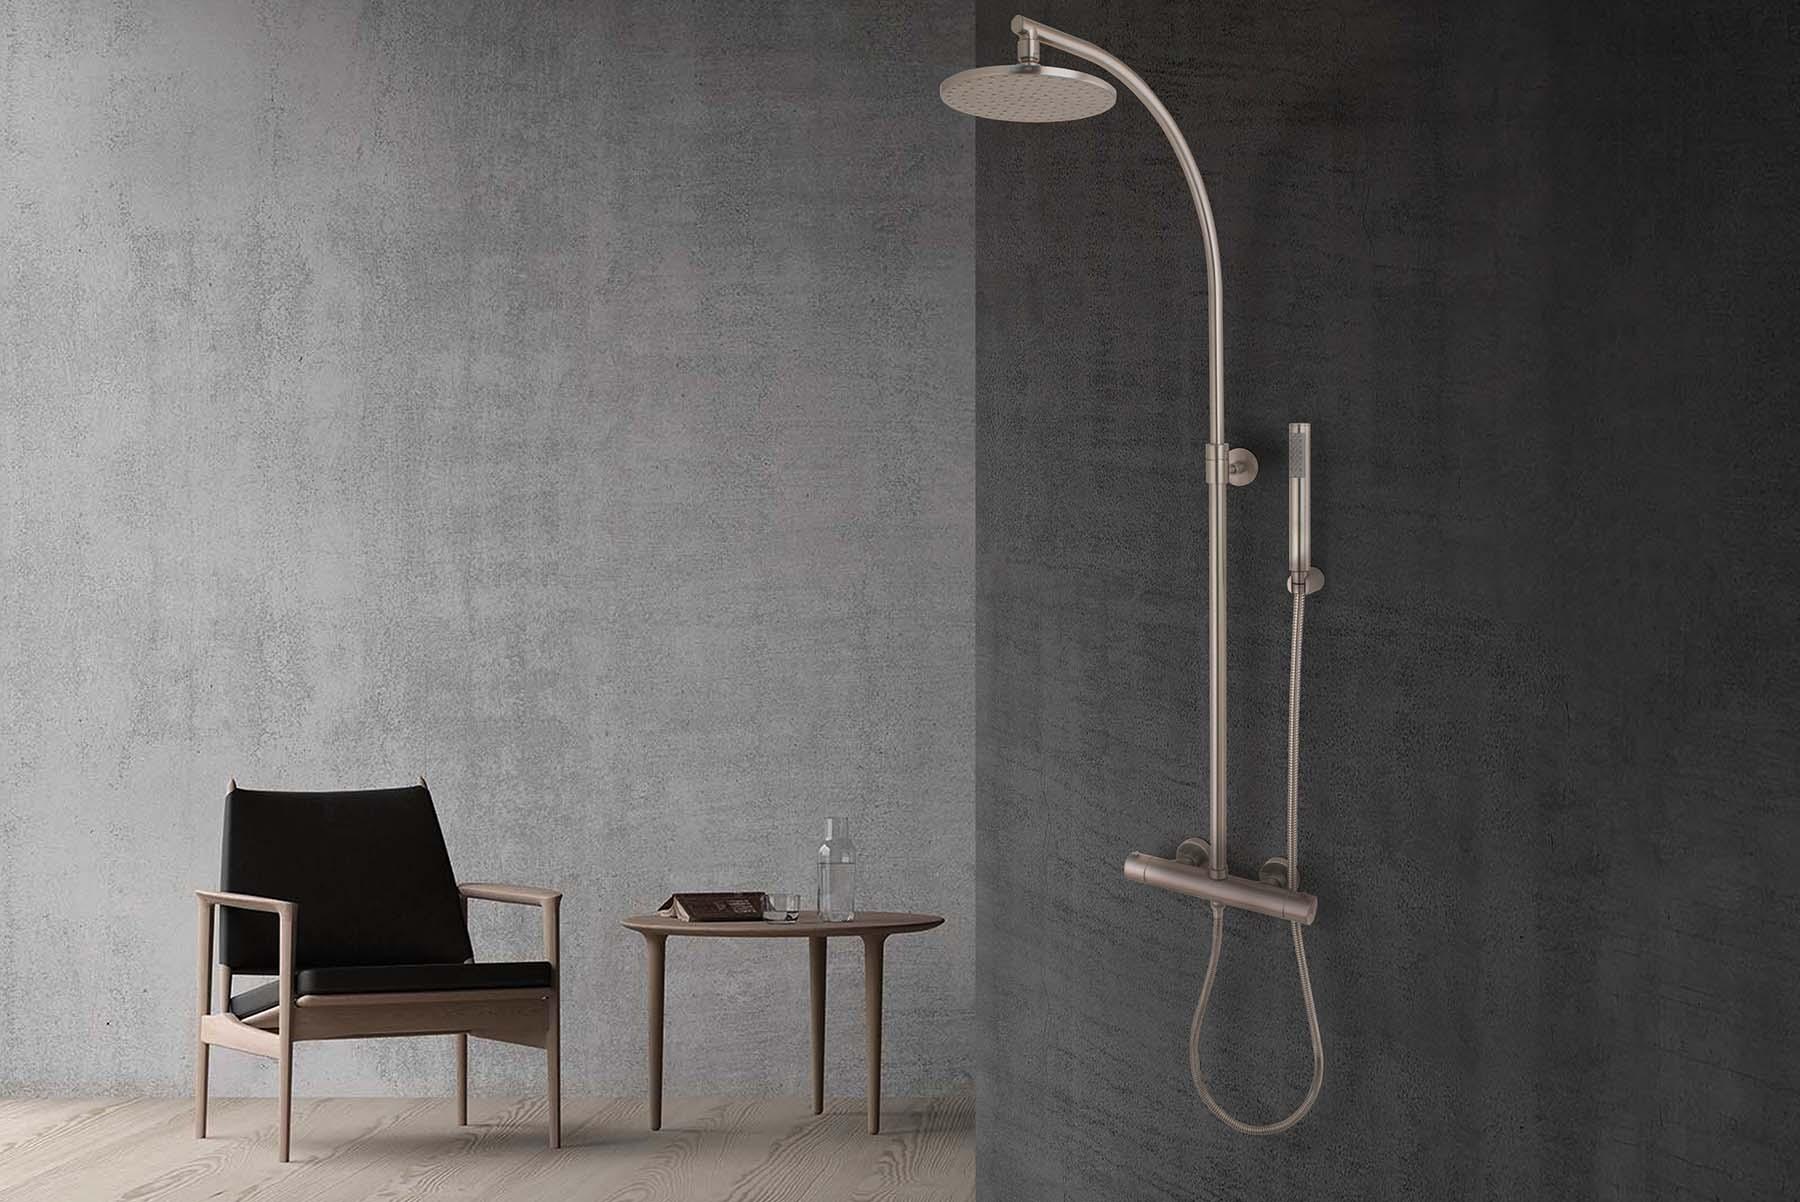 Columna de ducha termostática Mínima en níquel satinado de MZ.